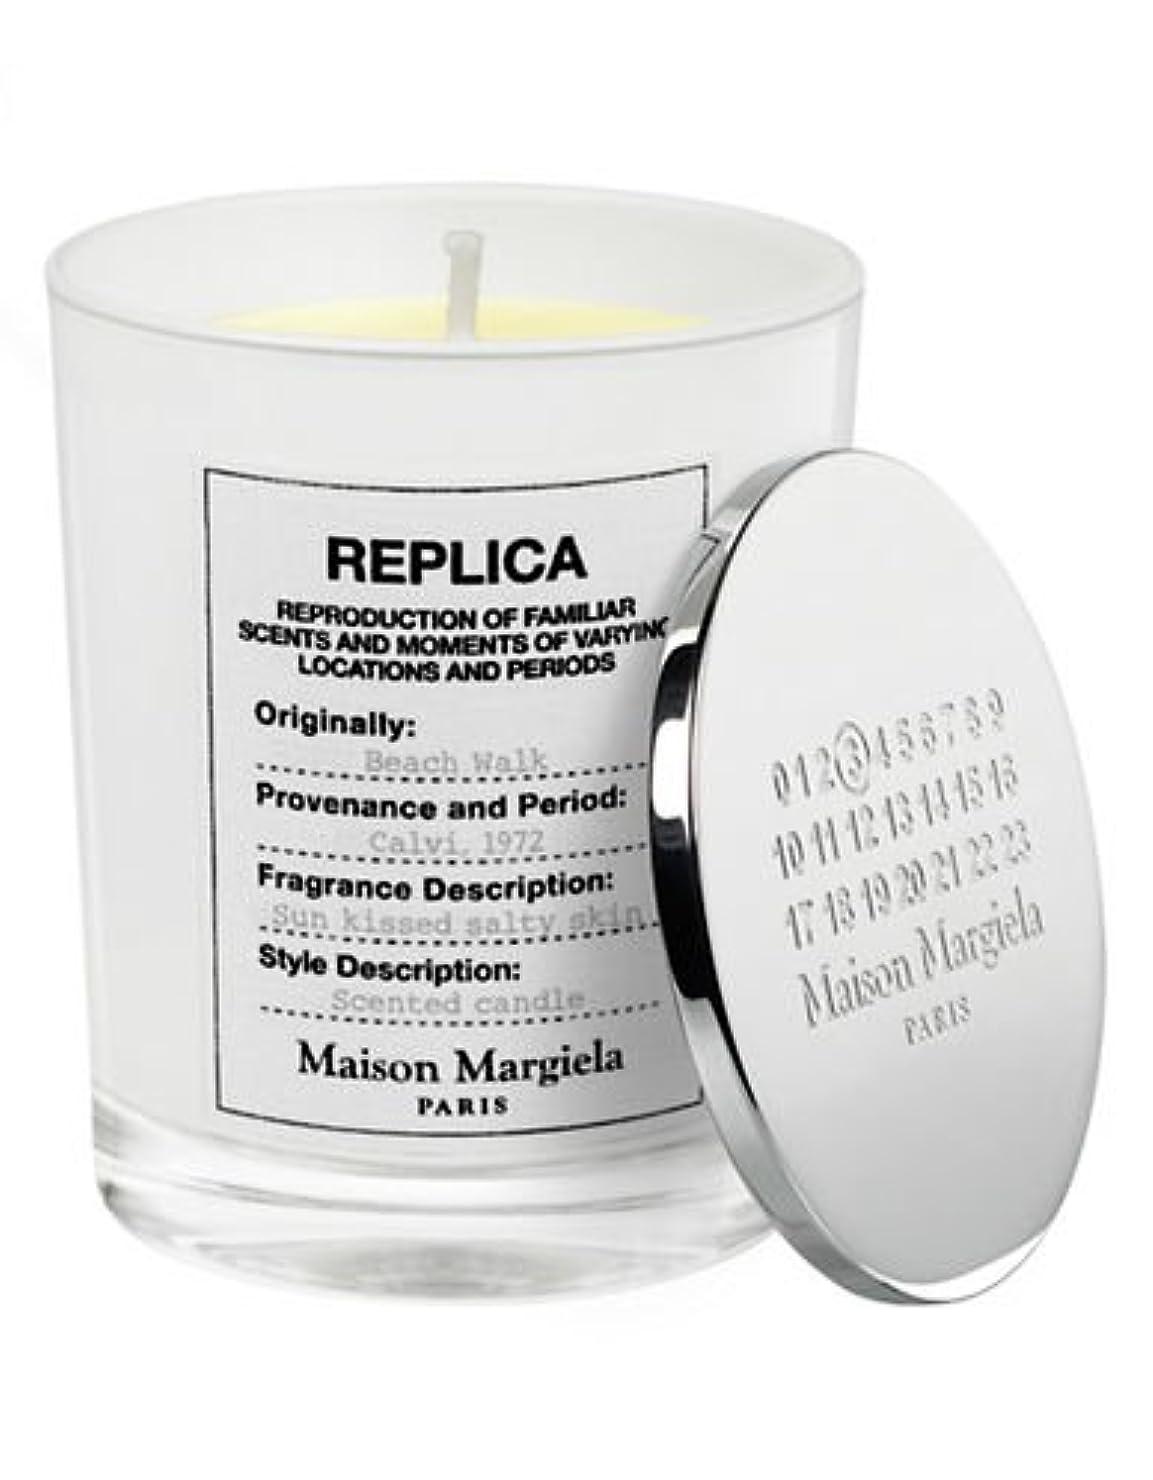 クランシー法廷記念( 1?) Maison Margiela 'レプリカ' Beach Walk Scented Candle 5.82oz